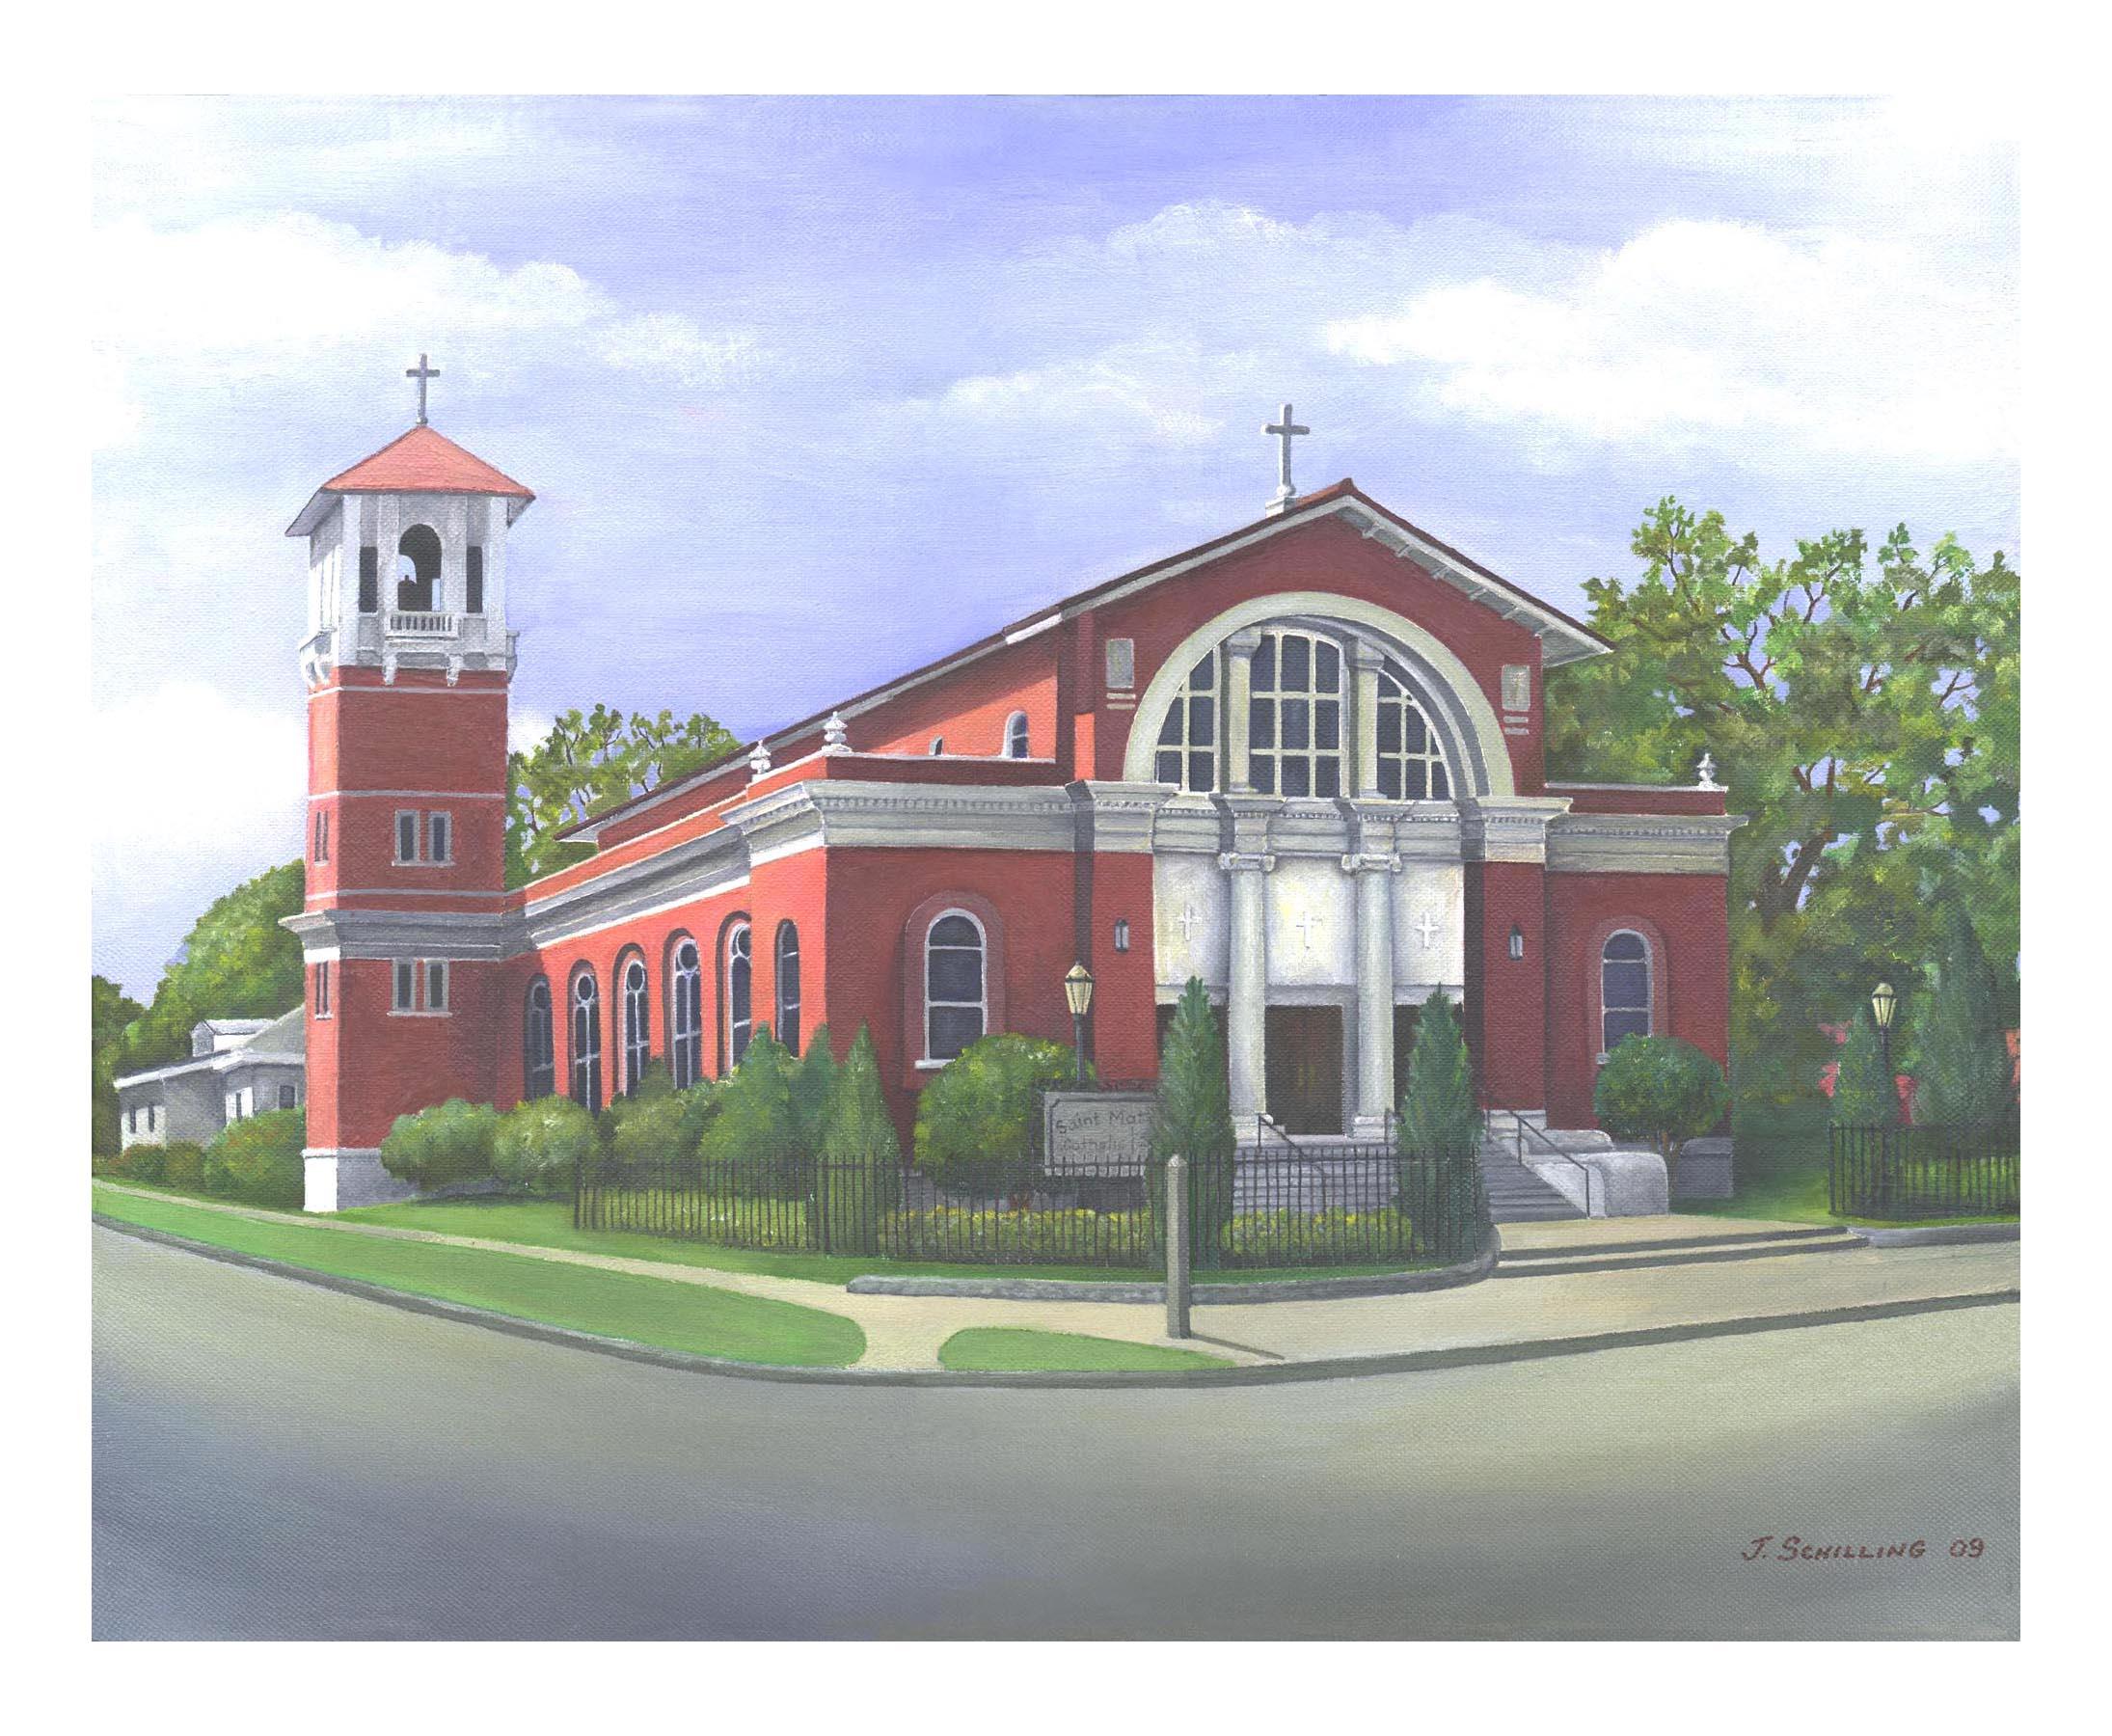 St Matthews Church - Mobile, AL